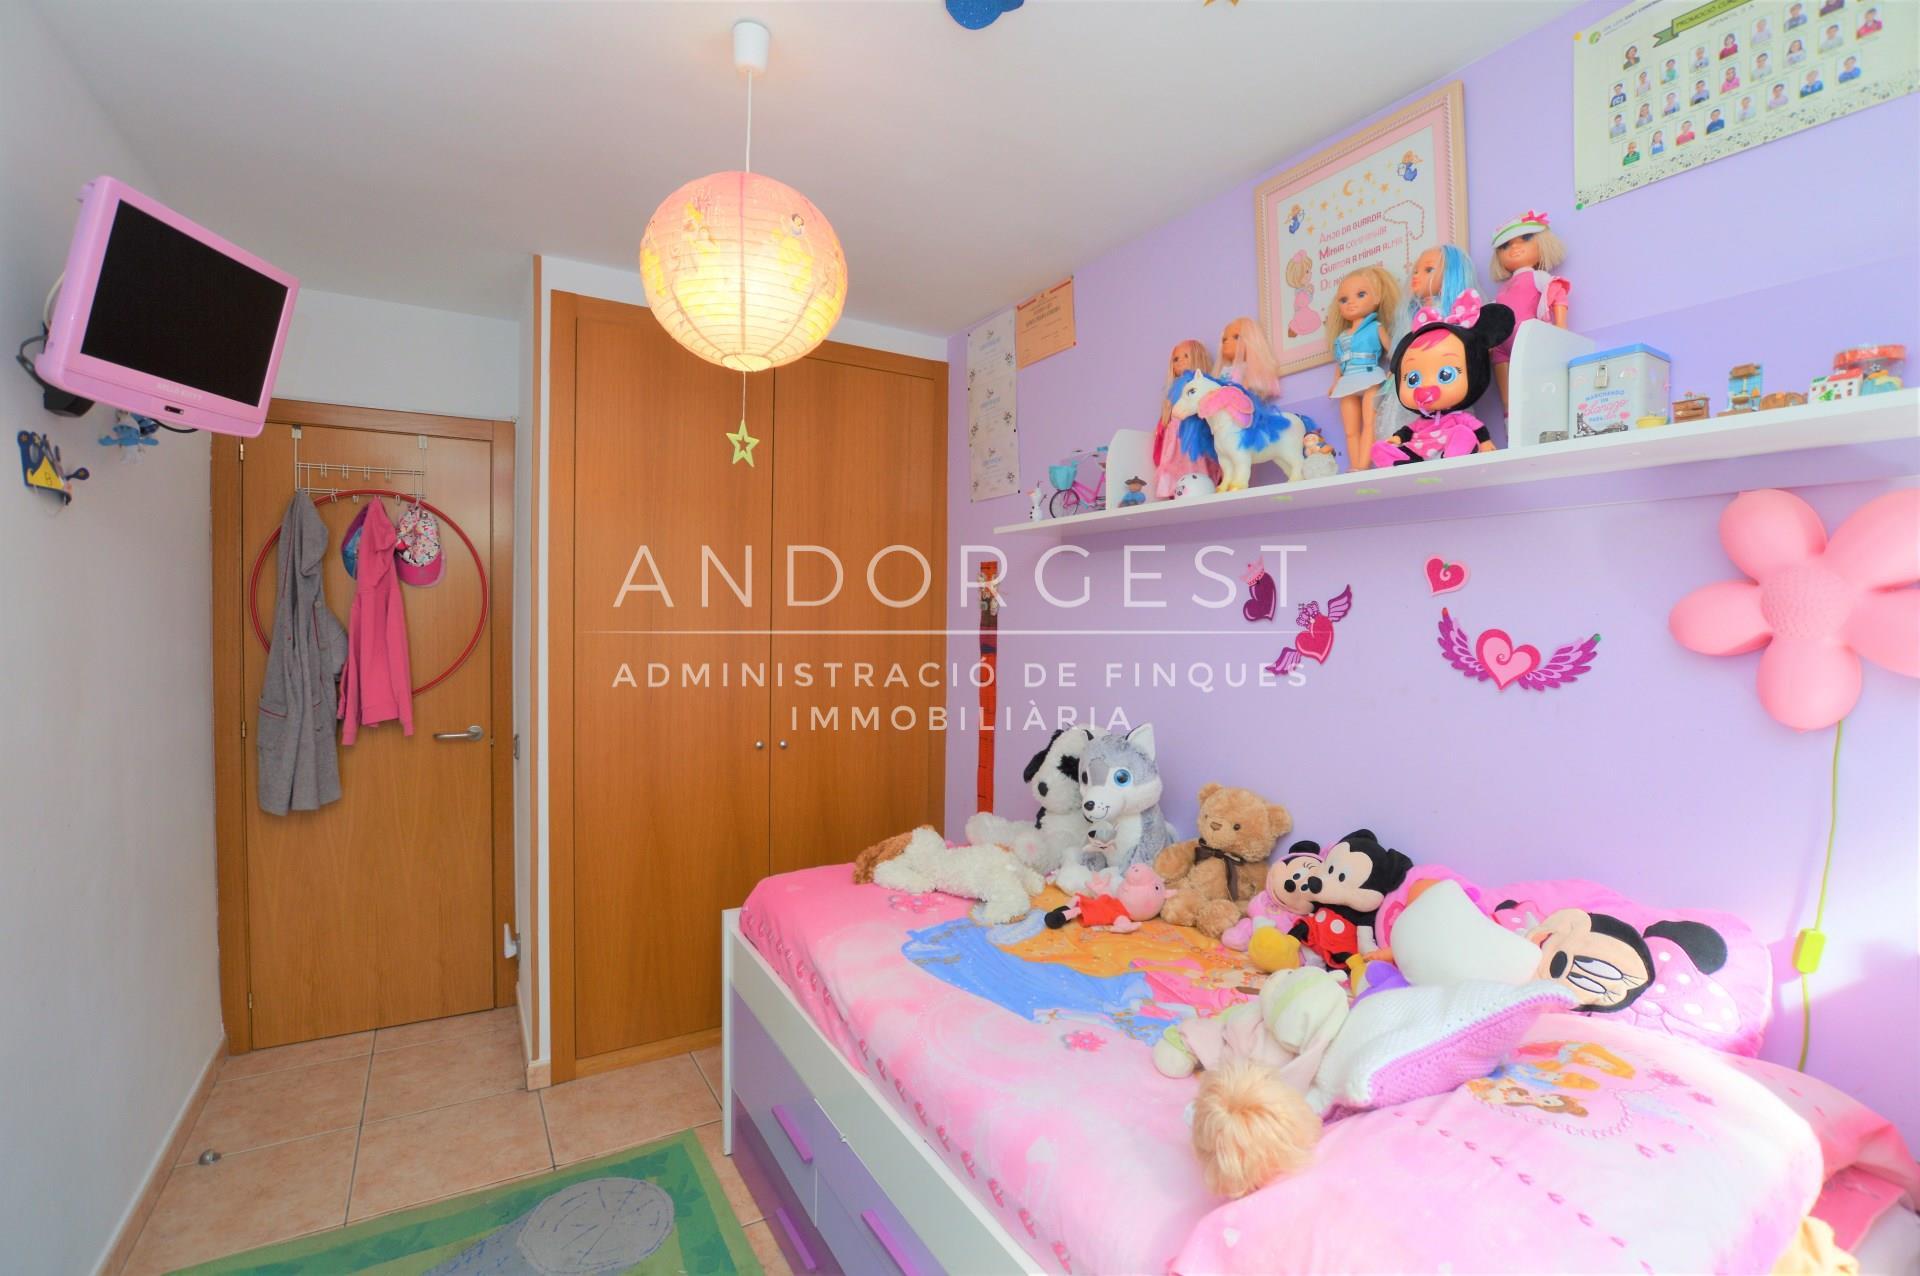 Pis en venda a Andorra la Vella, 2 habitacions, 66 metres